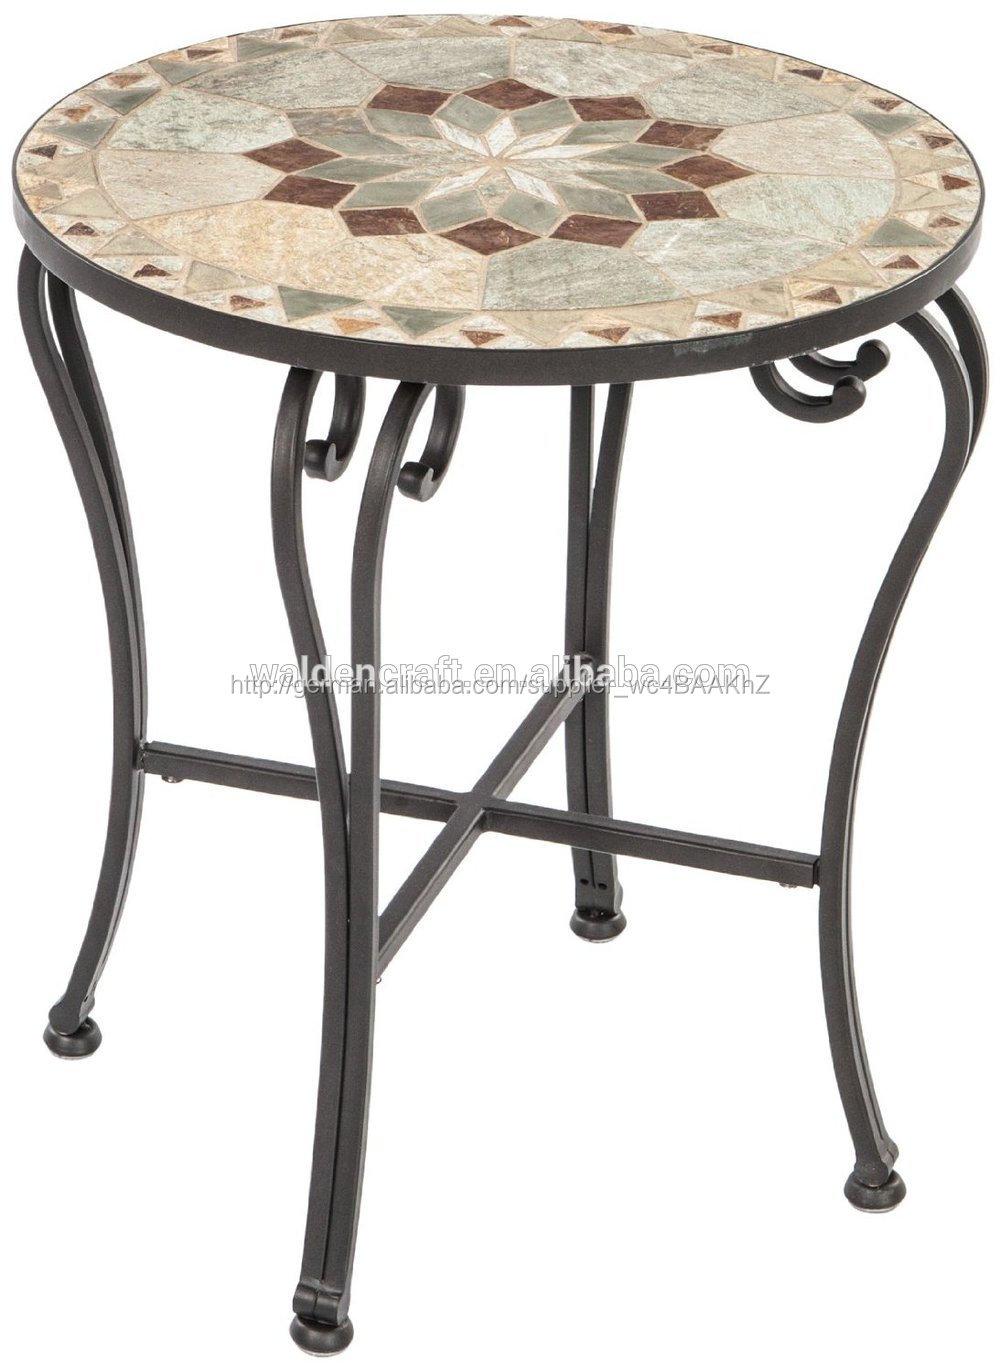 schmiedeeisen mosaikfliese bistro tisch hause gartenm bel. Black Bedroom Furniture Sets. Home Design Ideas